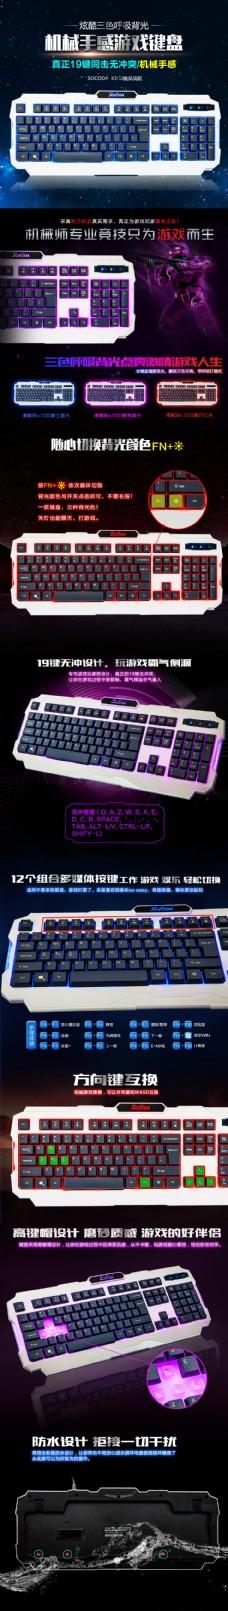 硕科达三色呼吸背光游戏键盘详情展示